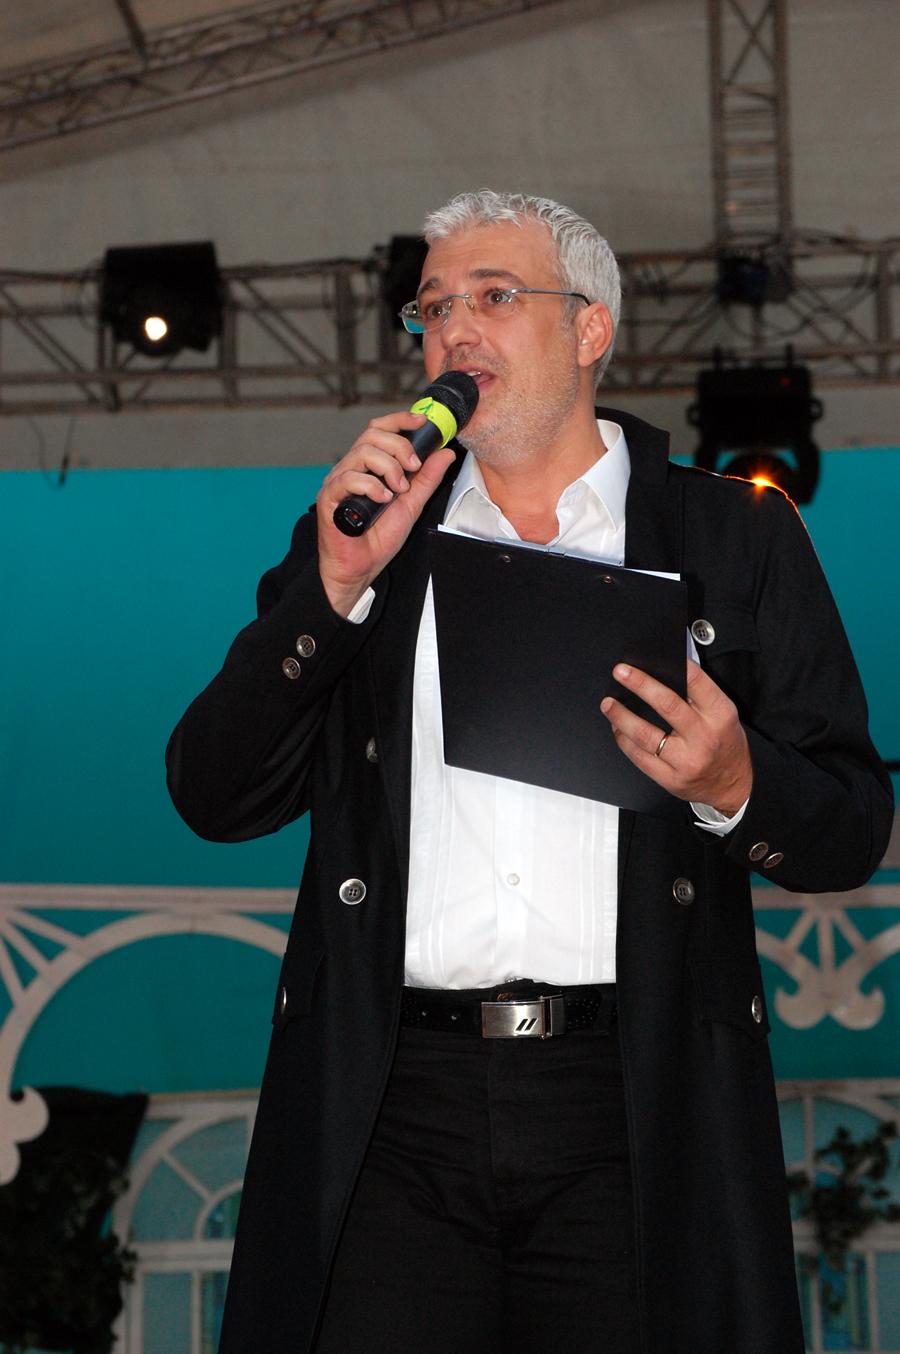 Prezentator - Catalin Crisan